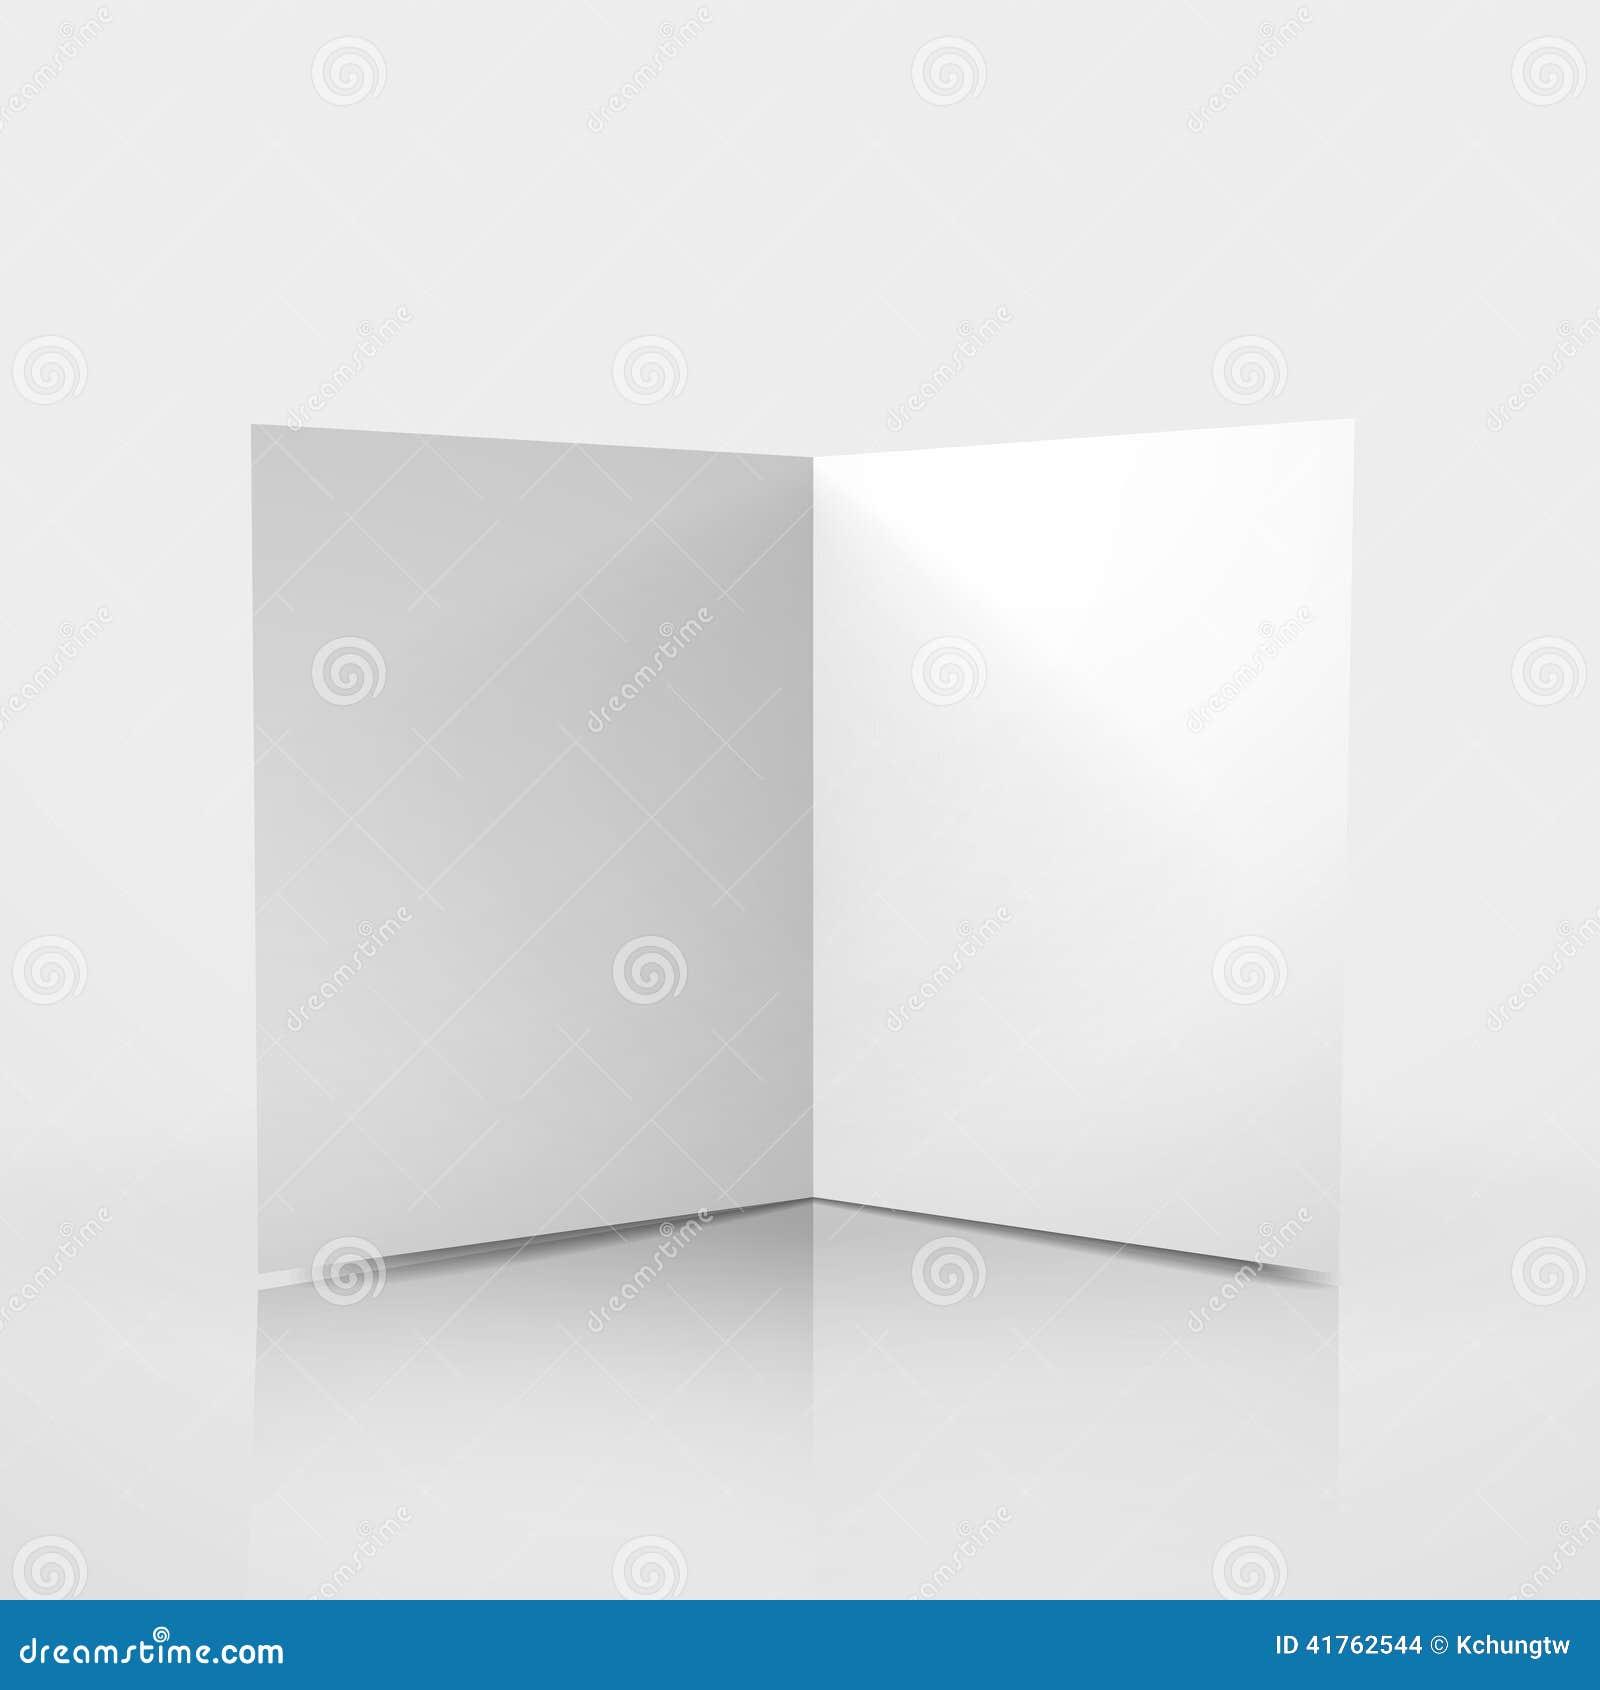 3d Vector Blank Card Template